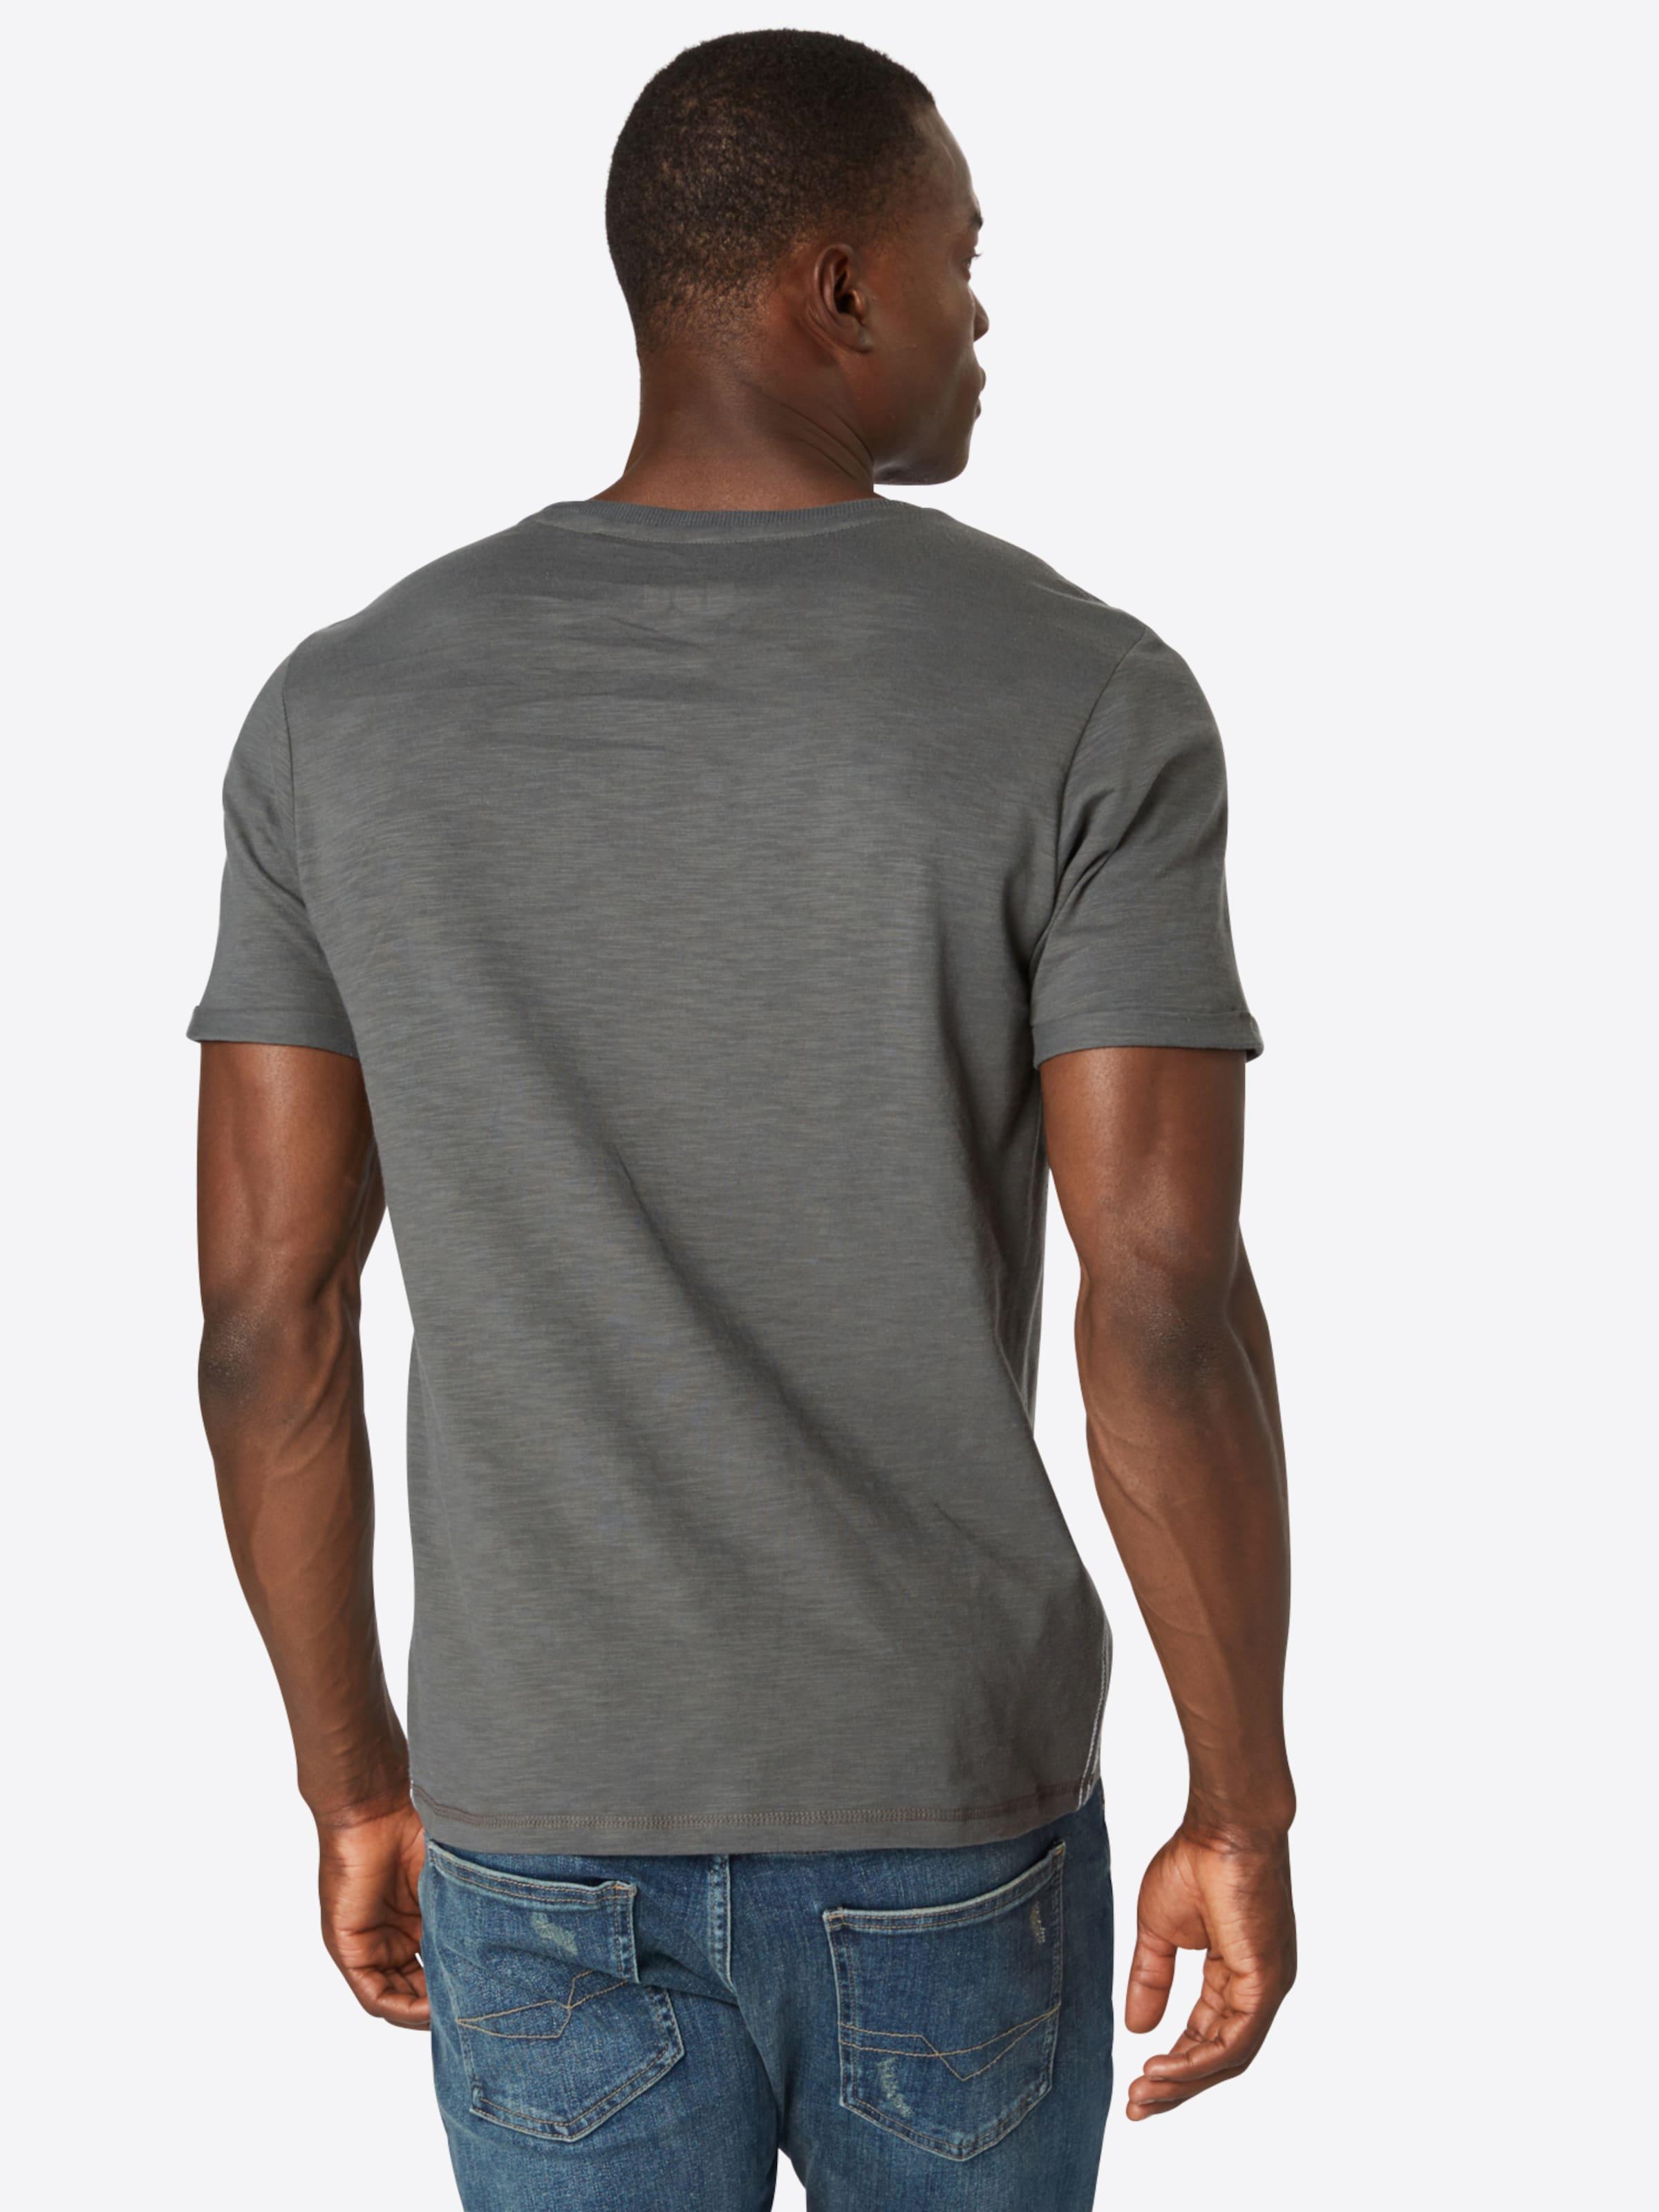 T shirt Schwarz In Red oliver GrauDunkelgrau S Label jA4L35R